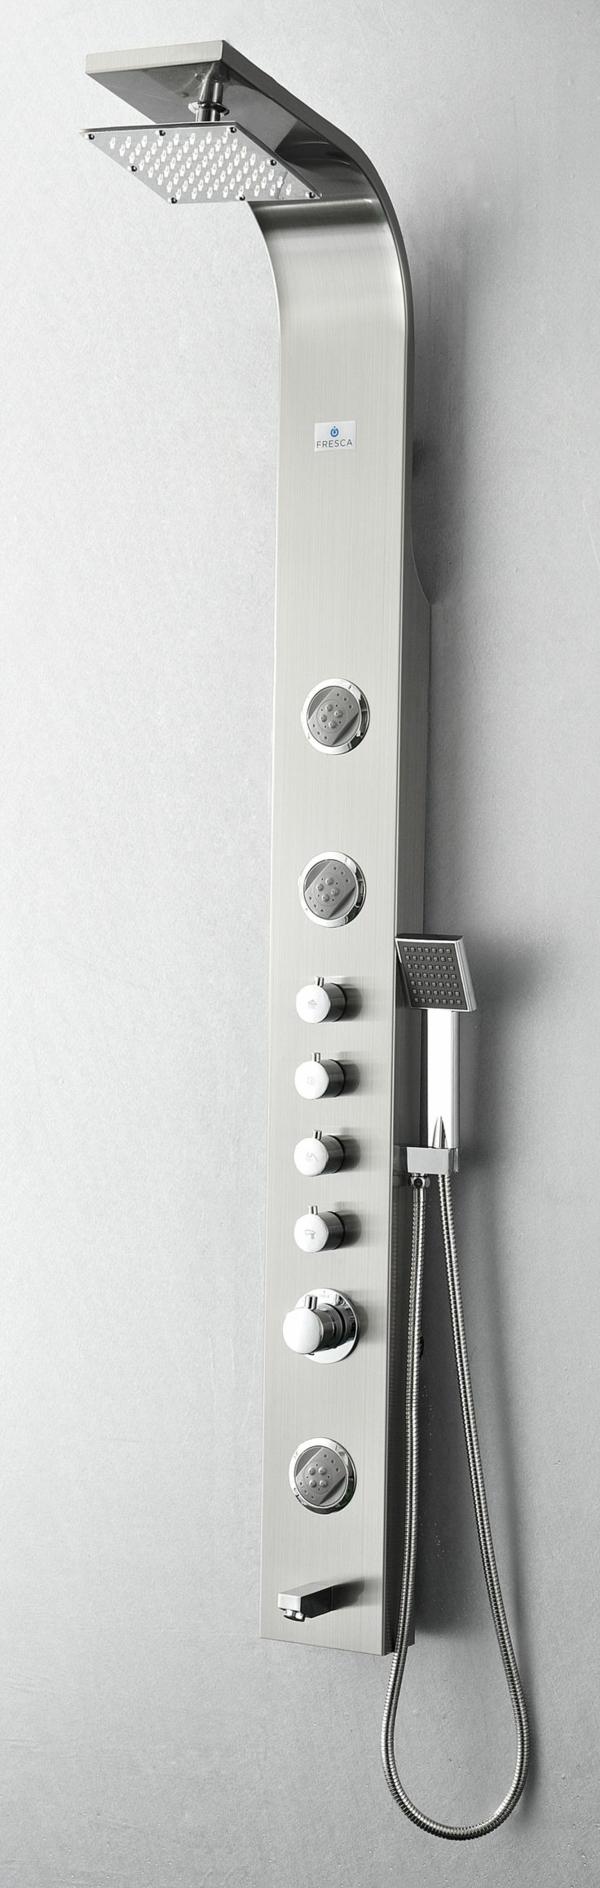 duschpaneel moderne badezimmereinrichtung badmöbel ideen